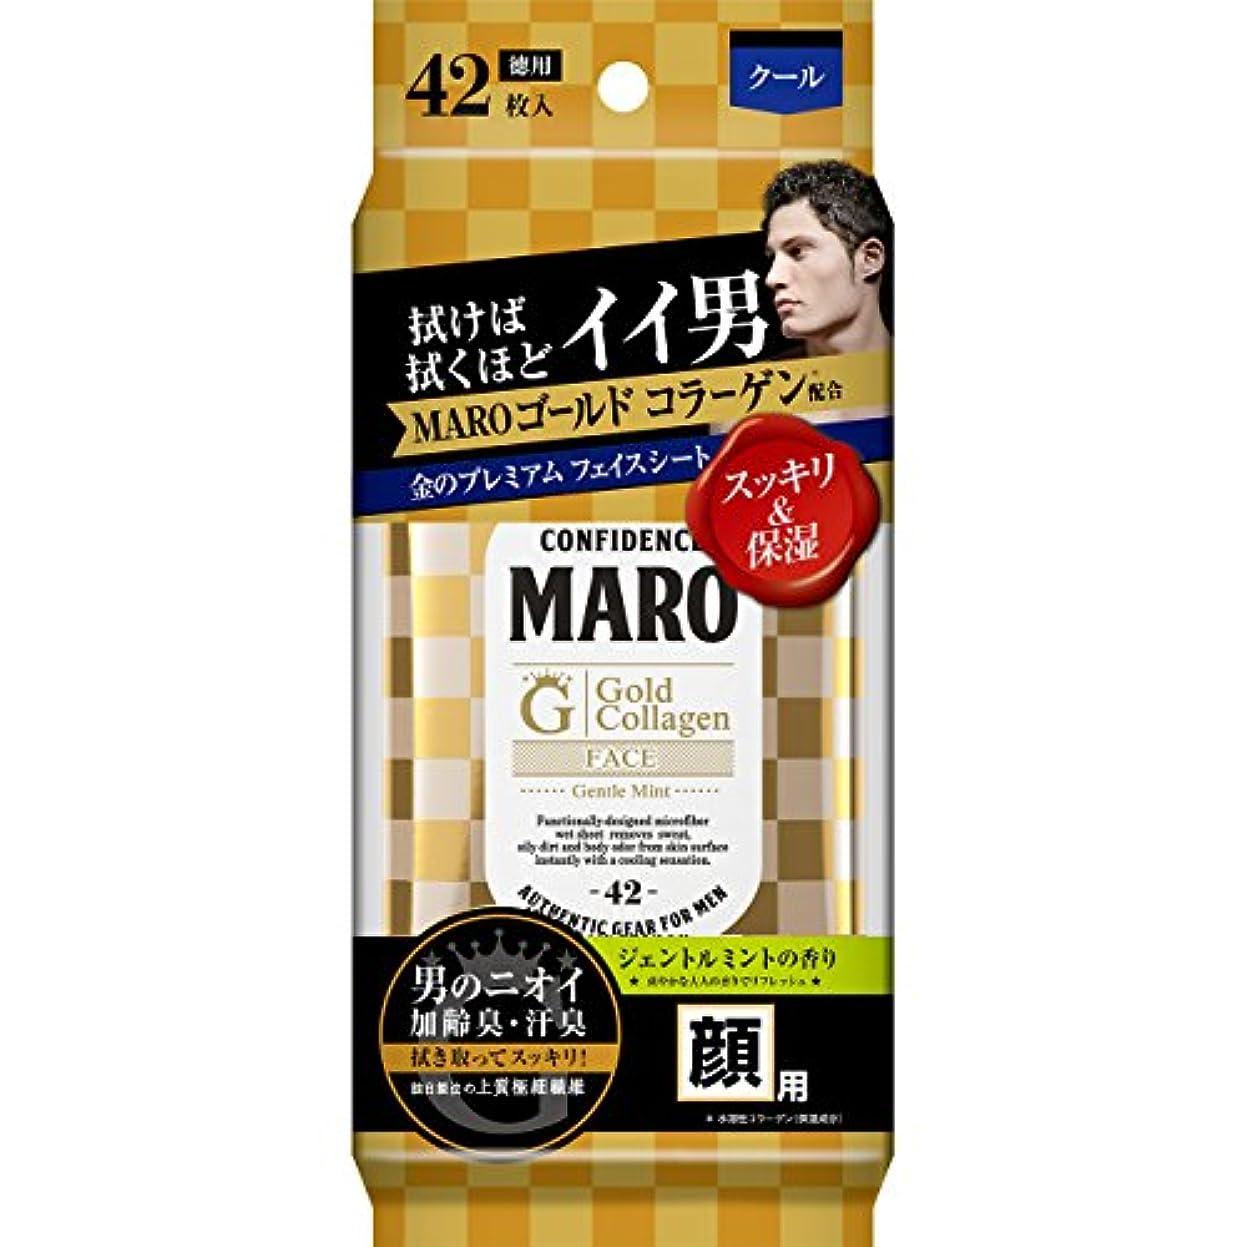 胆嚢放映届けるMARO プレミアム フェイスシート GOLD ジェントルミントの香り 42枚入